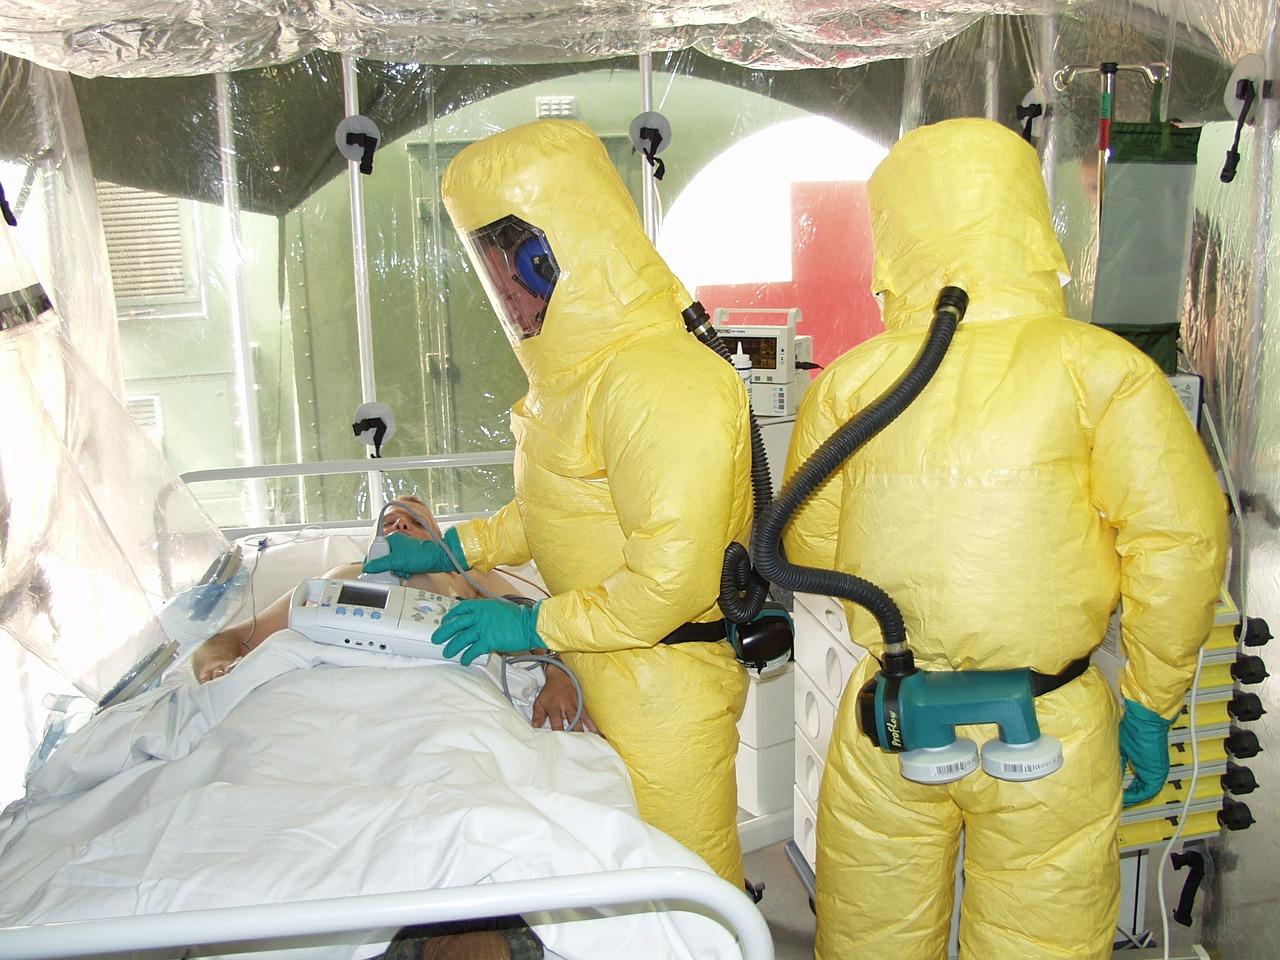 WHO: Ebola outbreak in DRC still a public health emergency